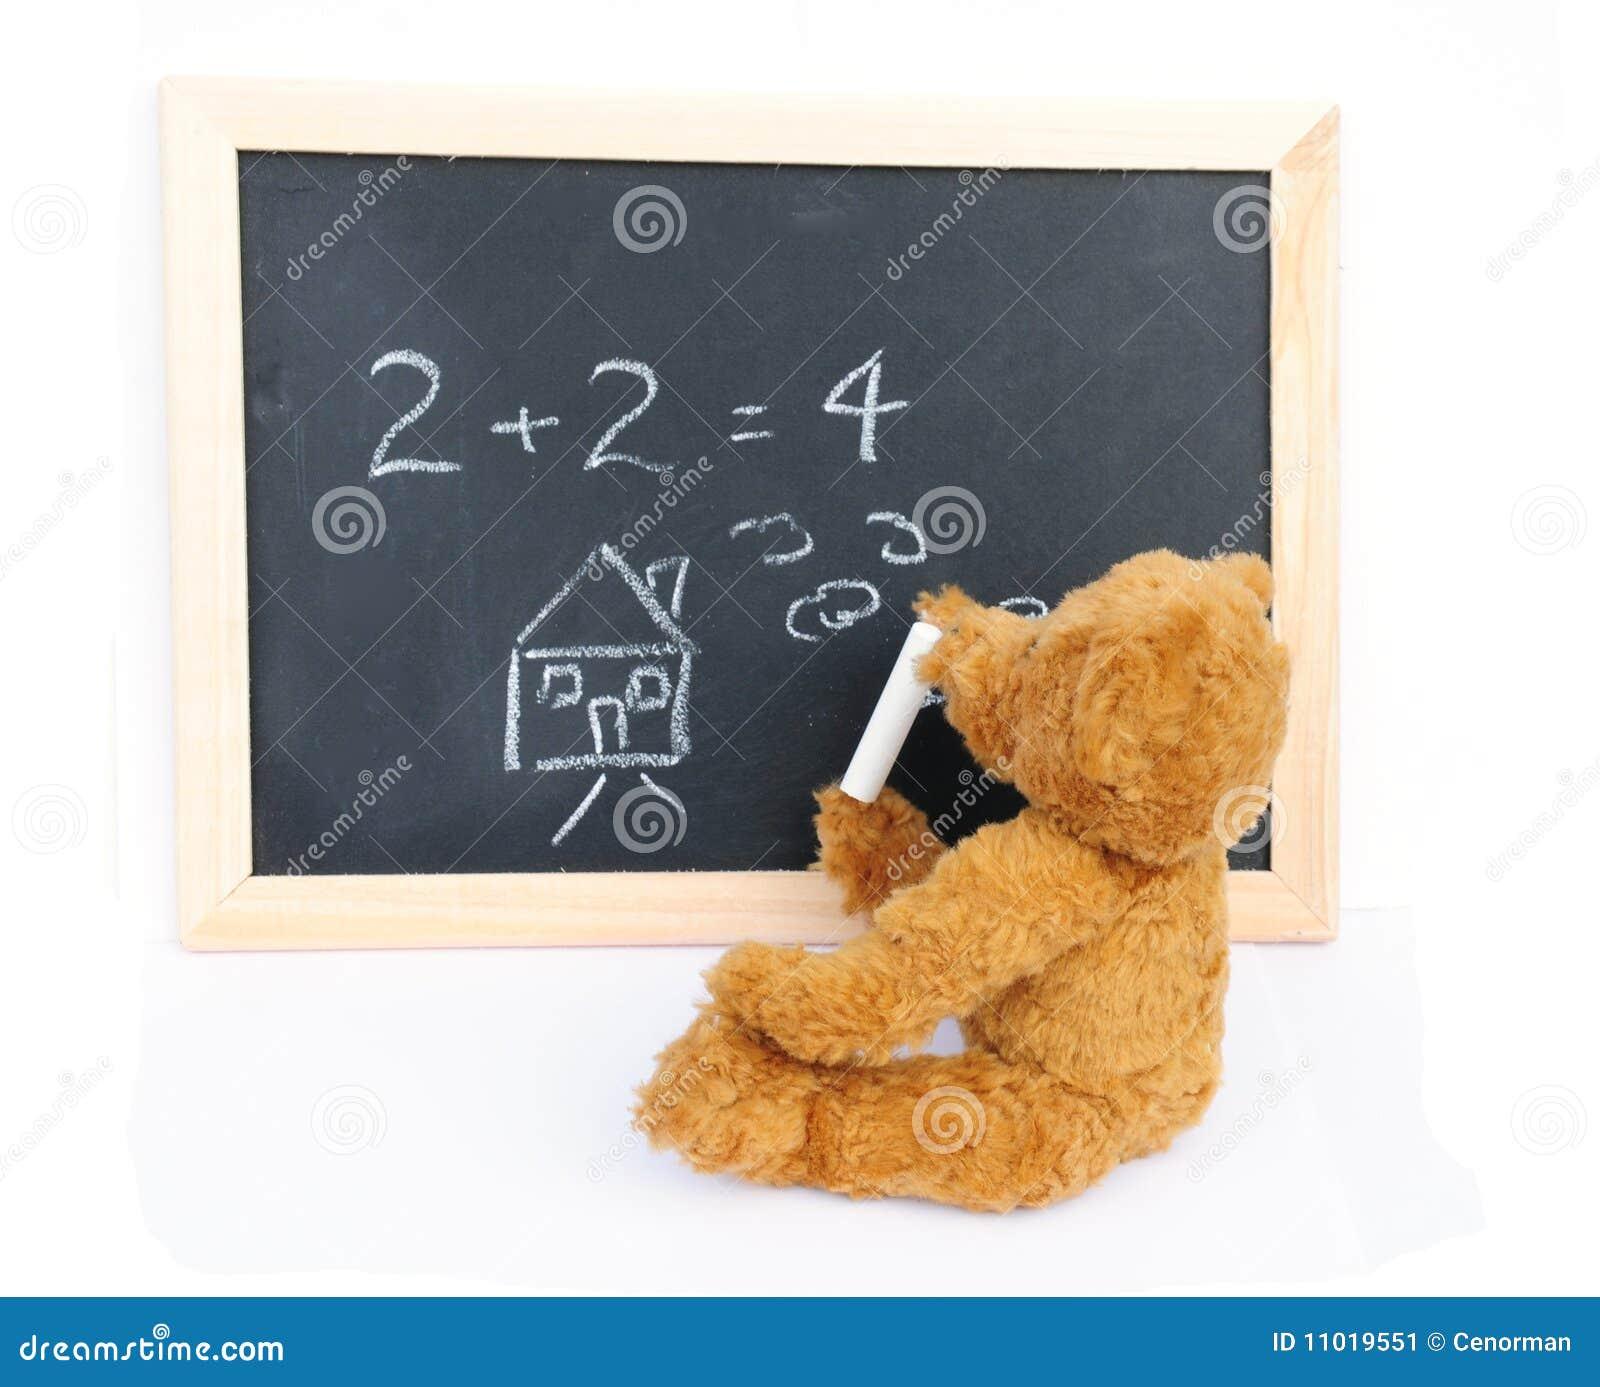 Blackboard and bear